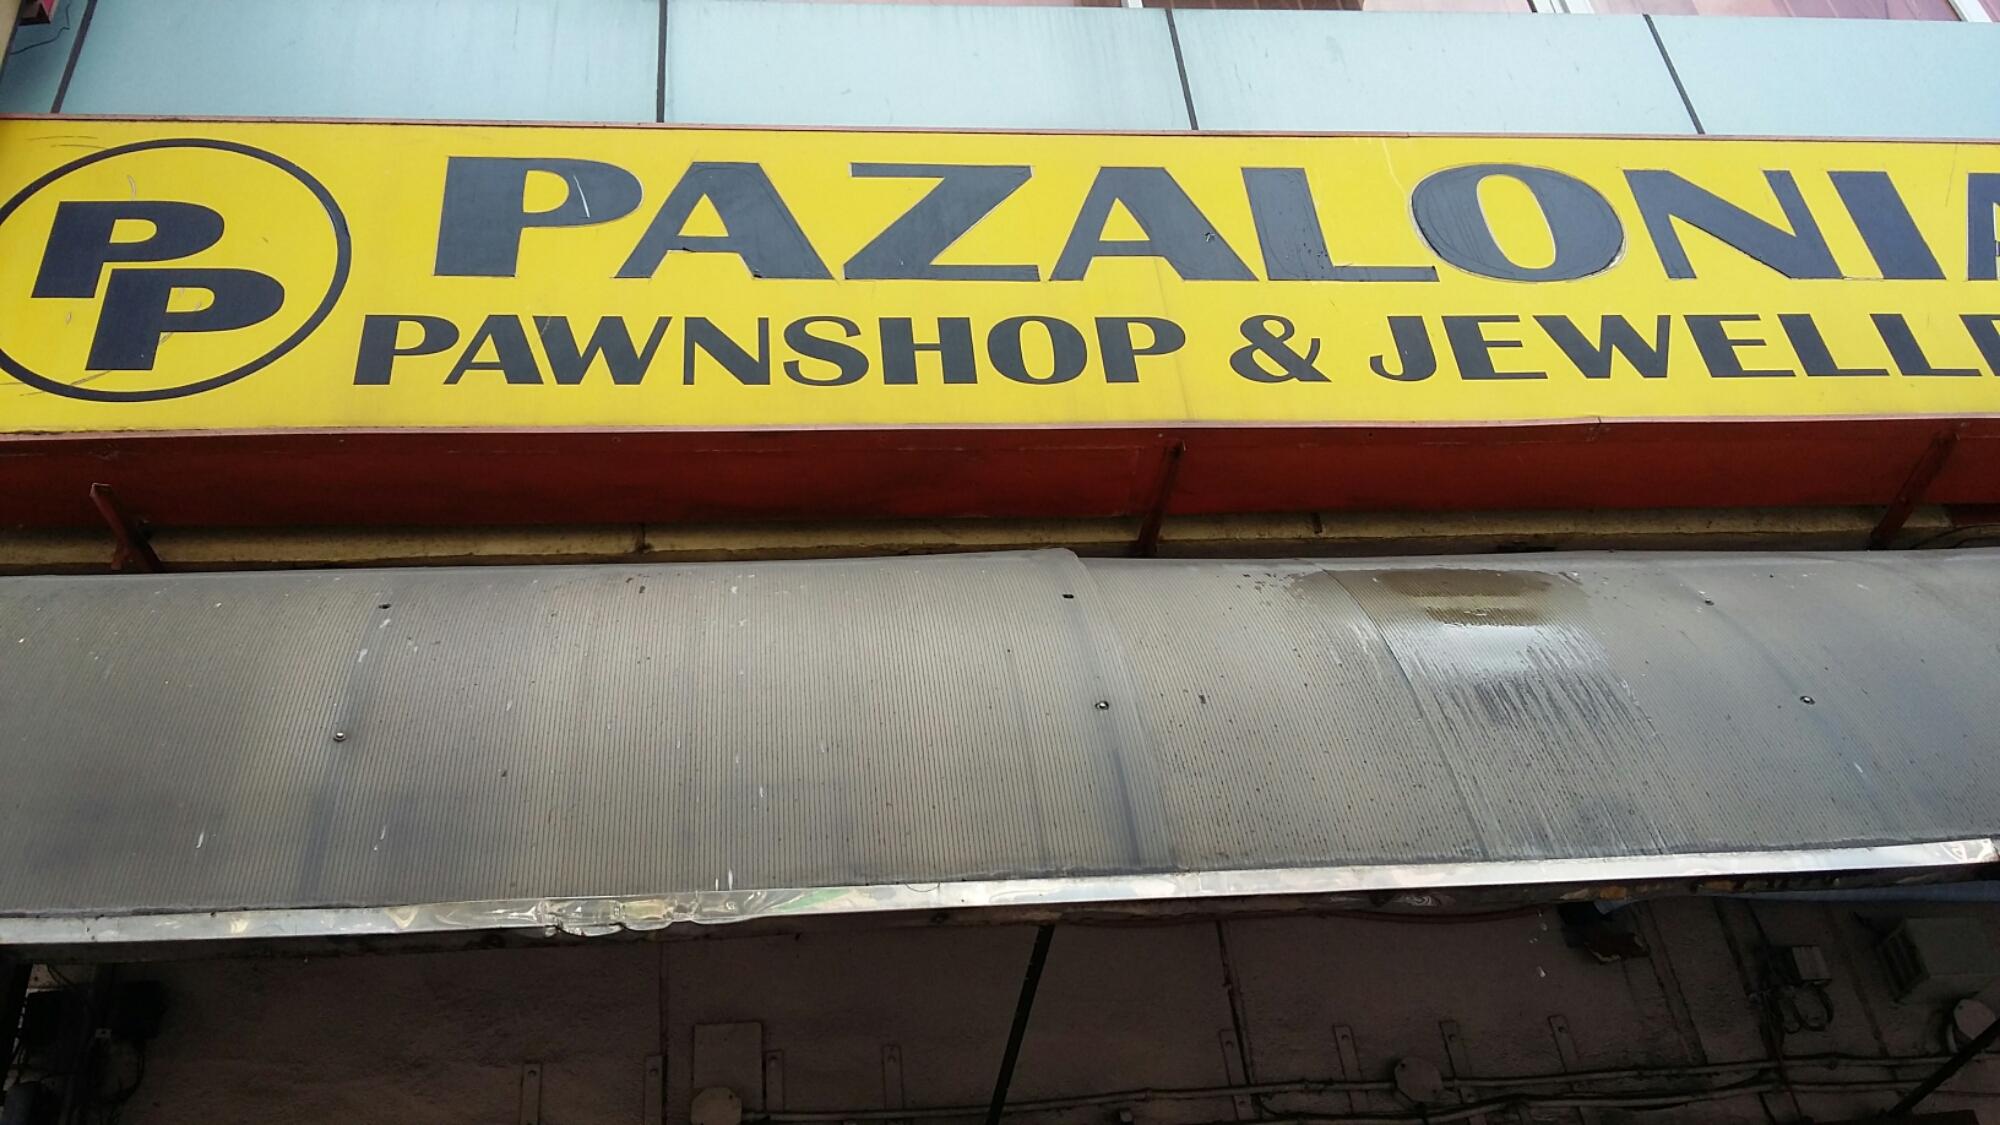 Pazalonia Pawnshop Inc In Lucena City I Amp J Business